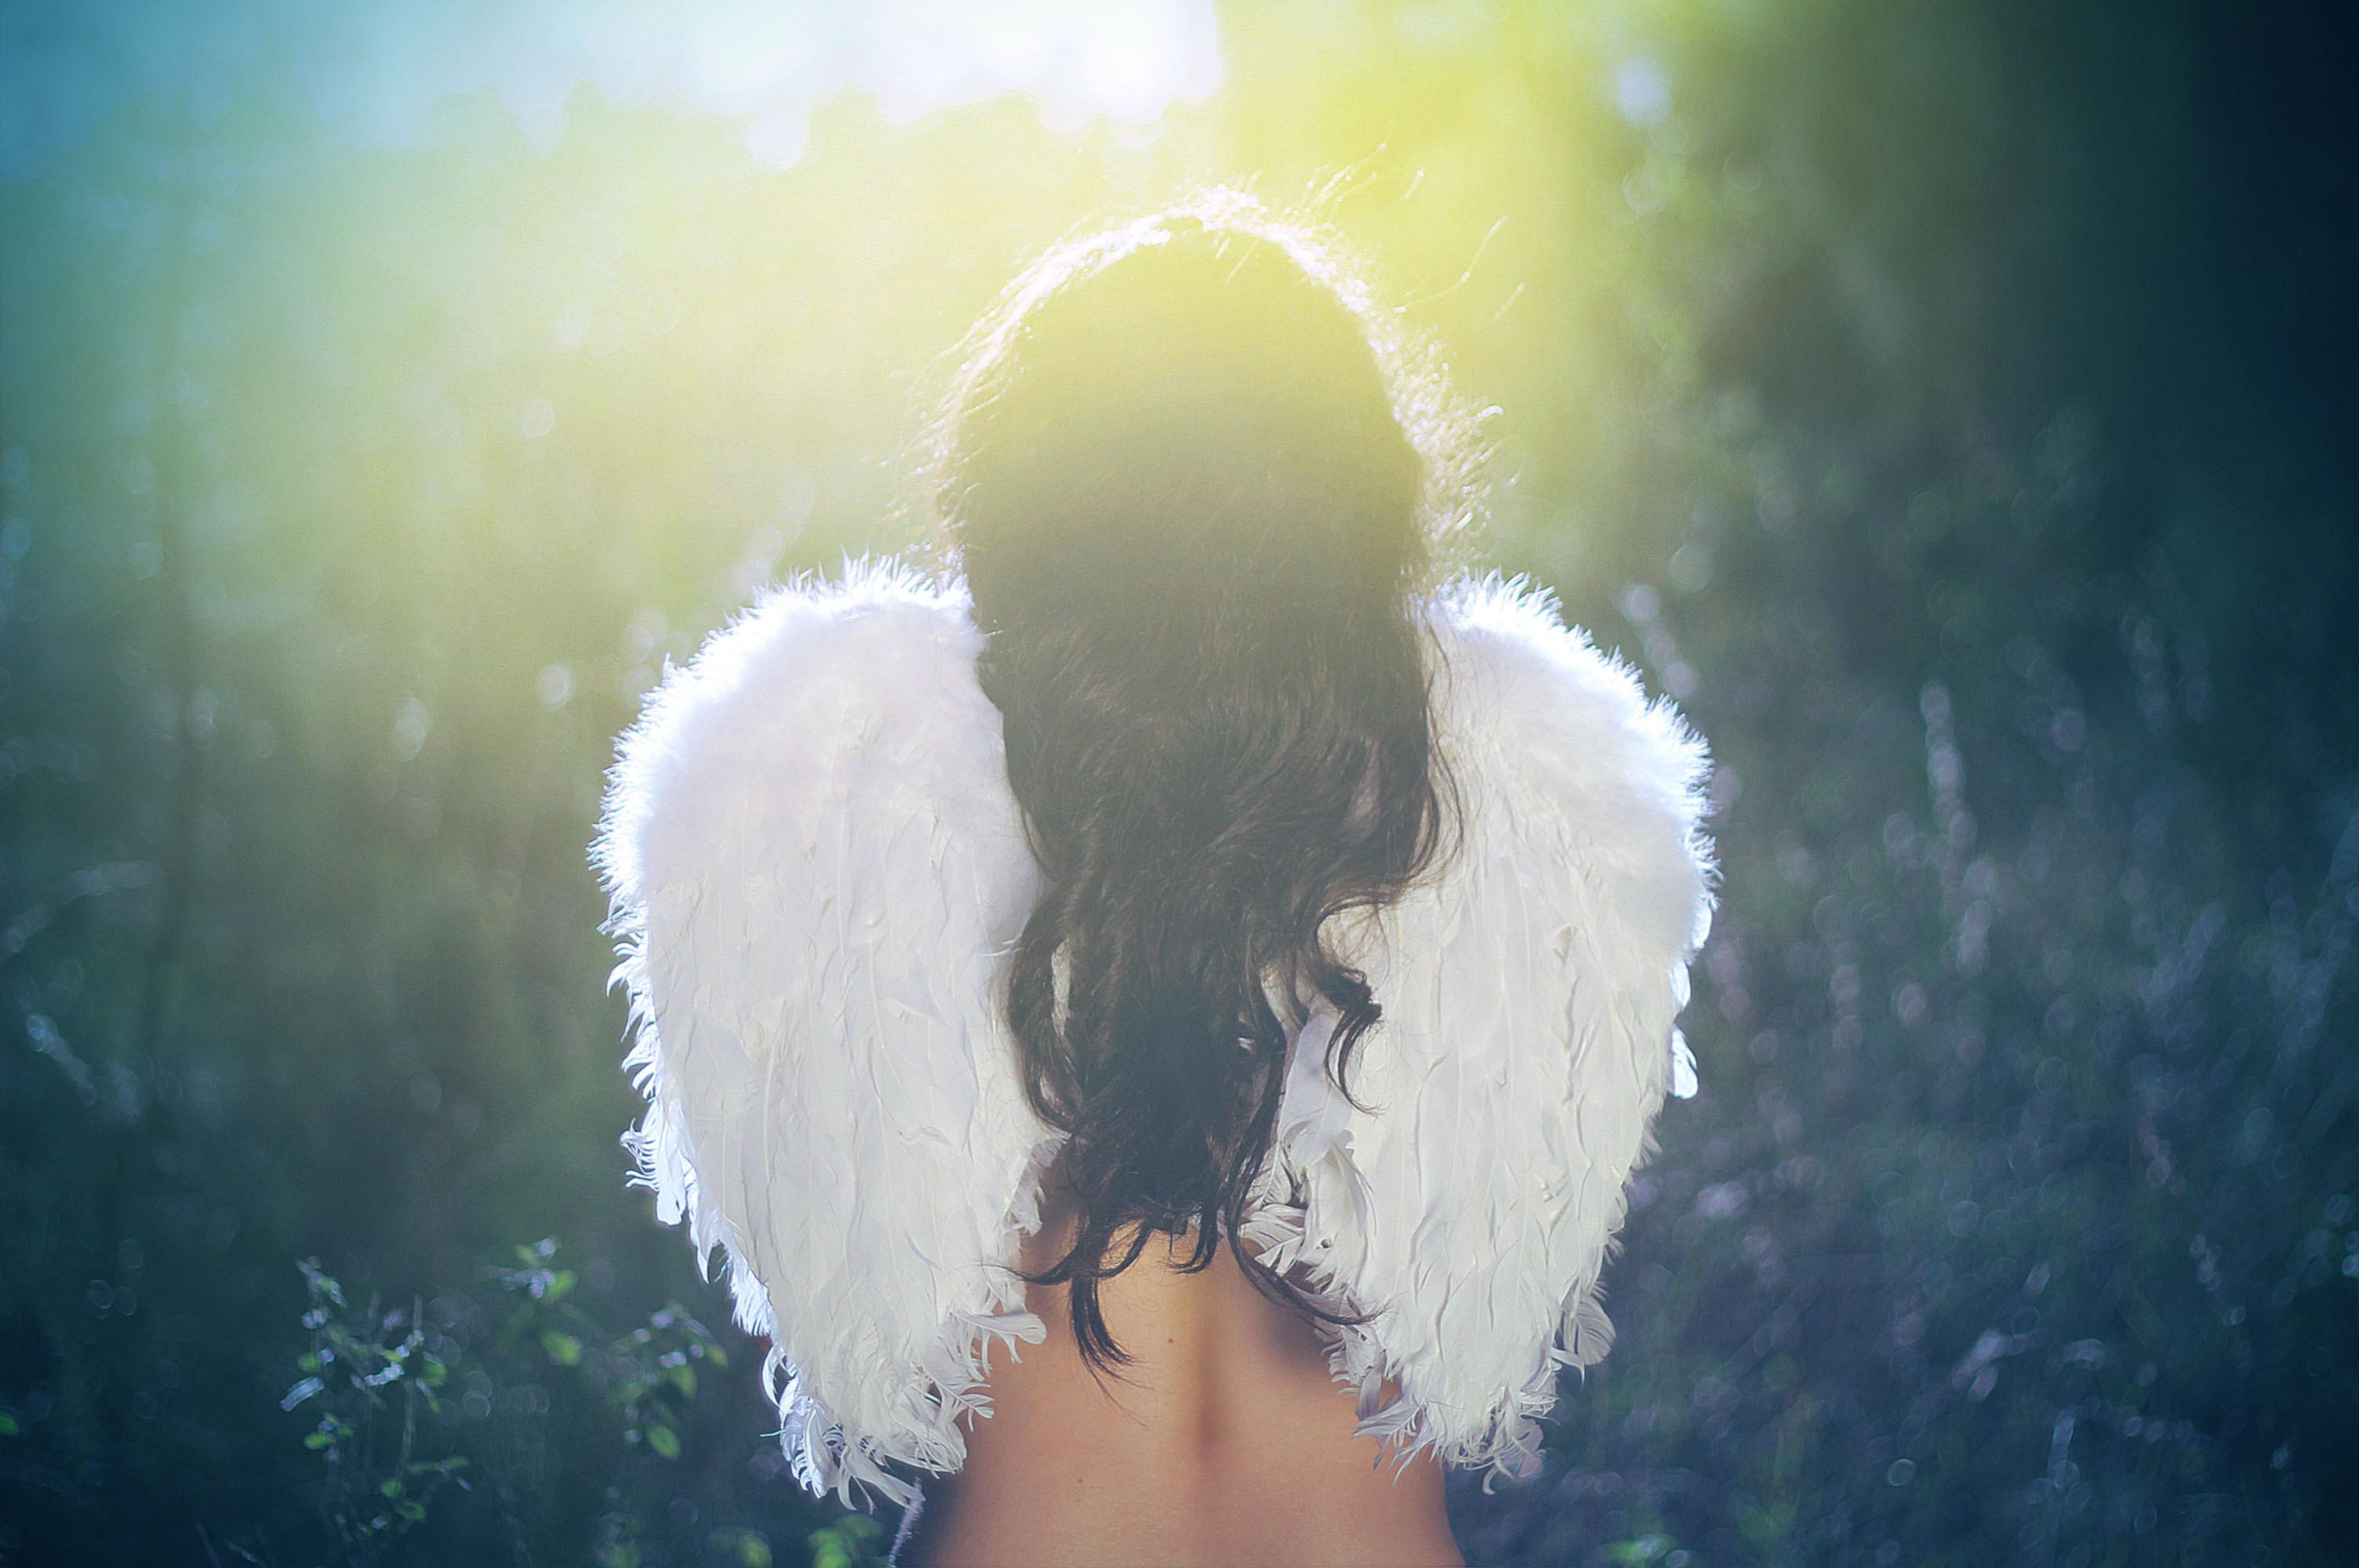 фото девушки-ангела с крыльями